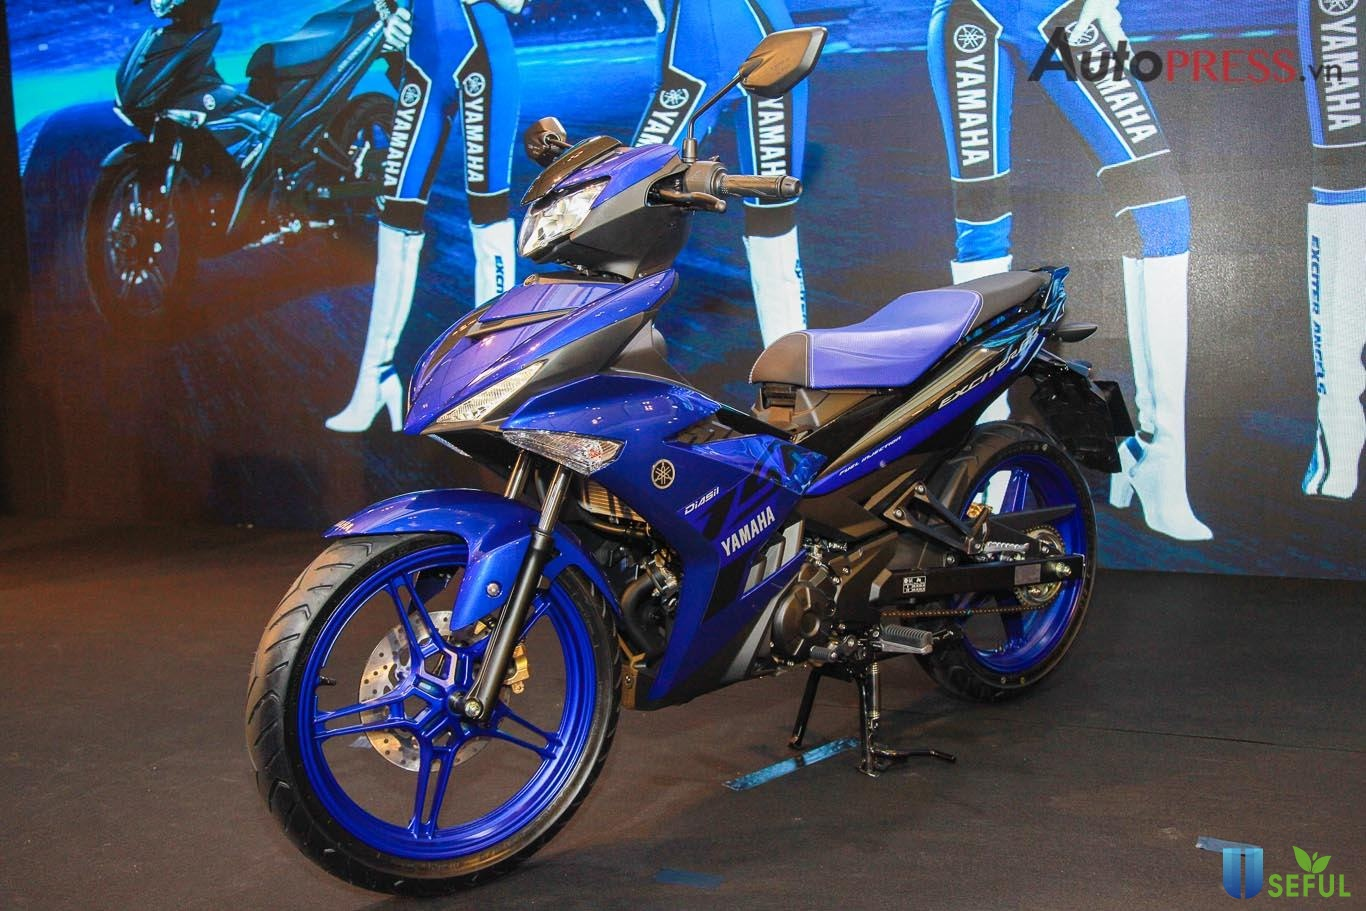 Yamaha côn tay thiết kế gọn gàng, thể thao